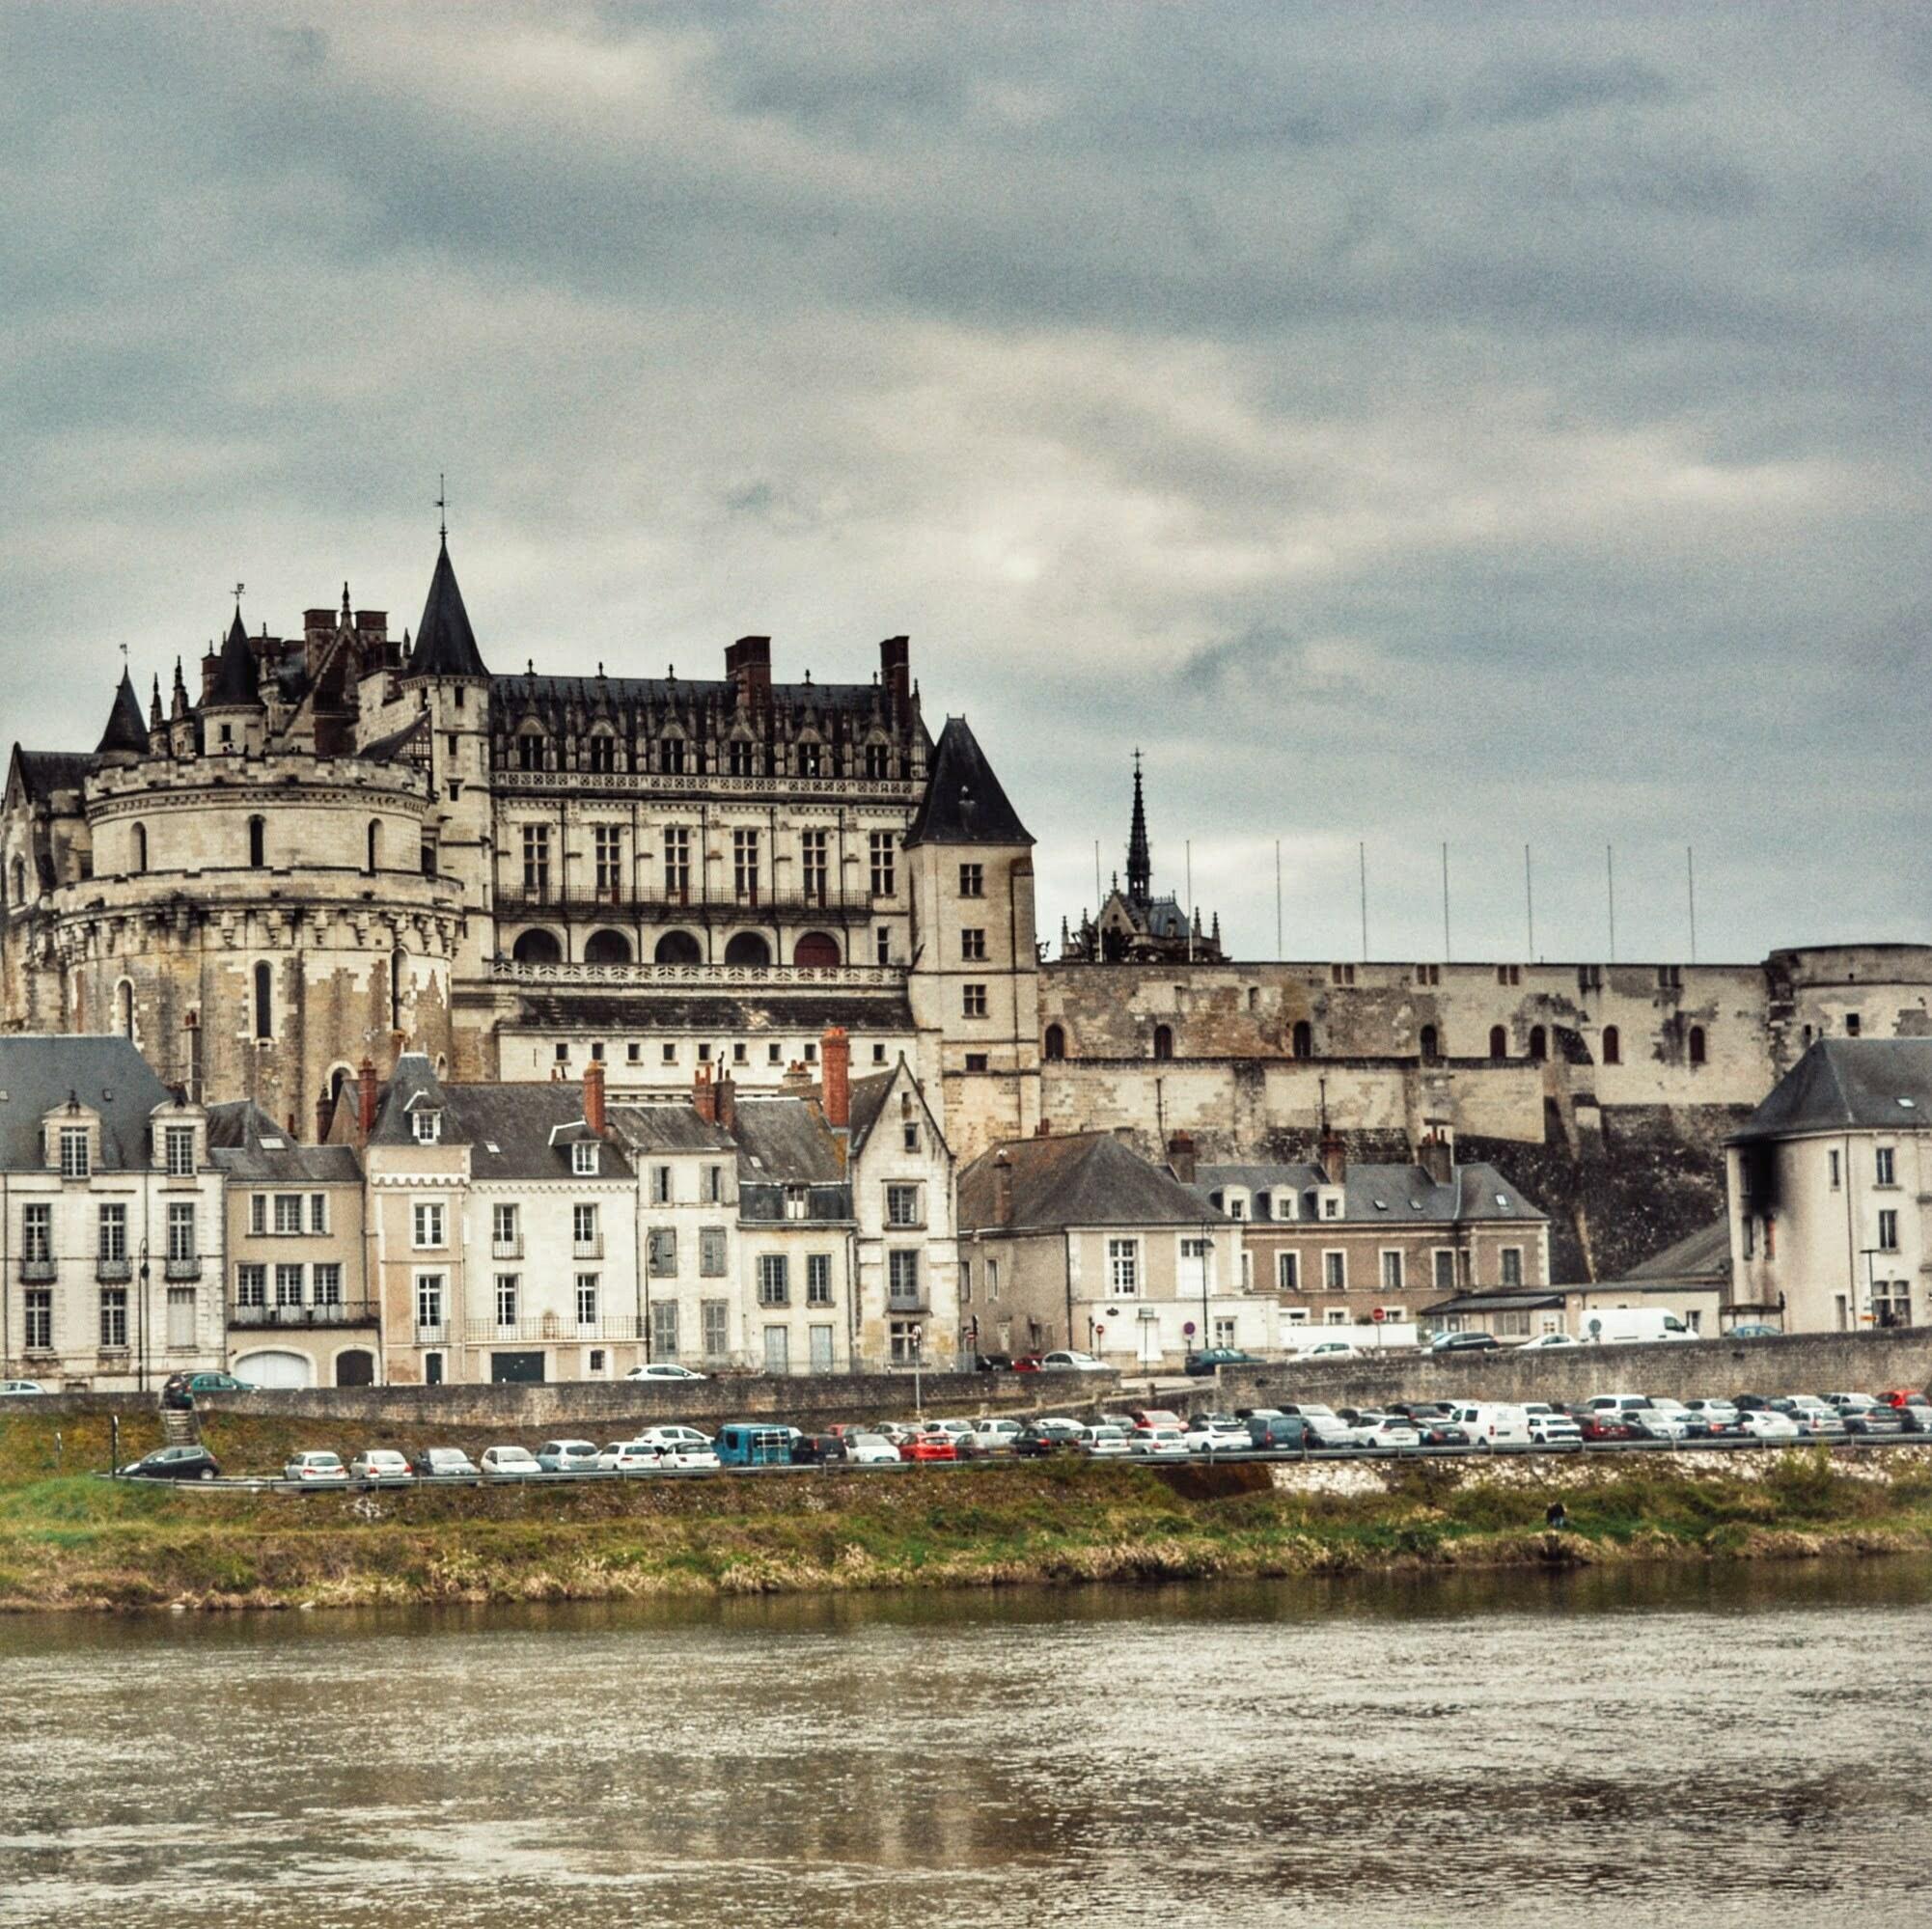 El Castillo de Amboise, donde está enterrado Da Vinci + 8 castillos más